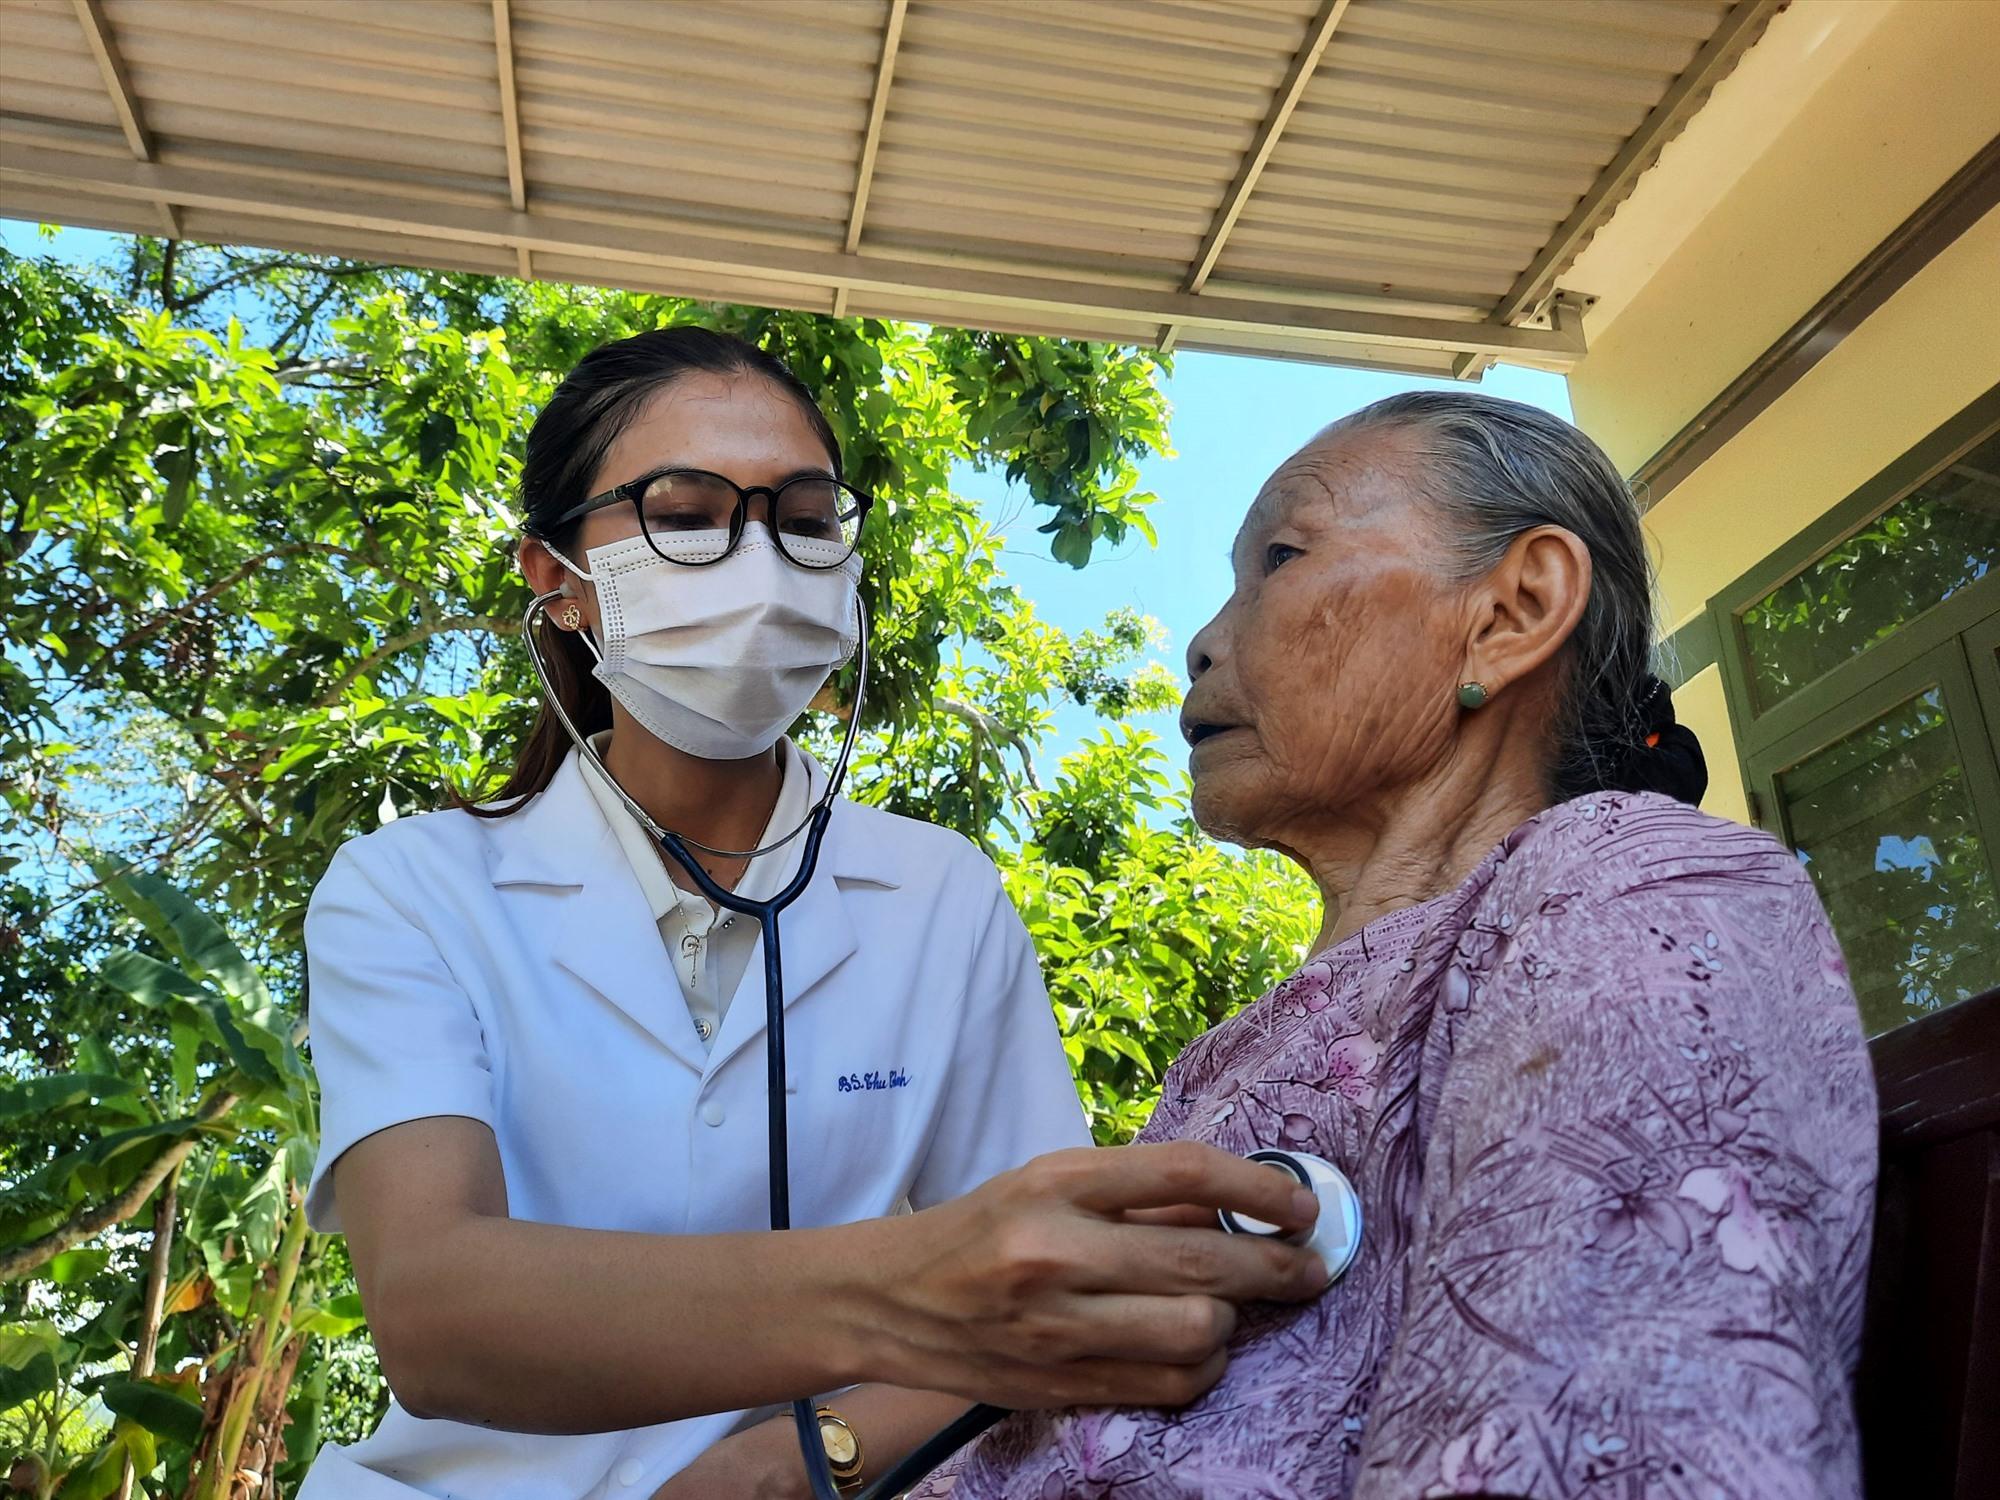 Cán bộ y tế khám bệnh cho bà Nhiên dịp kỷ niệm ngày Thương binh - Liệt sĩ 27.7 vừa qua. Ảnh: Q.C